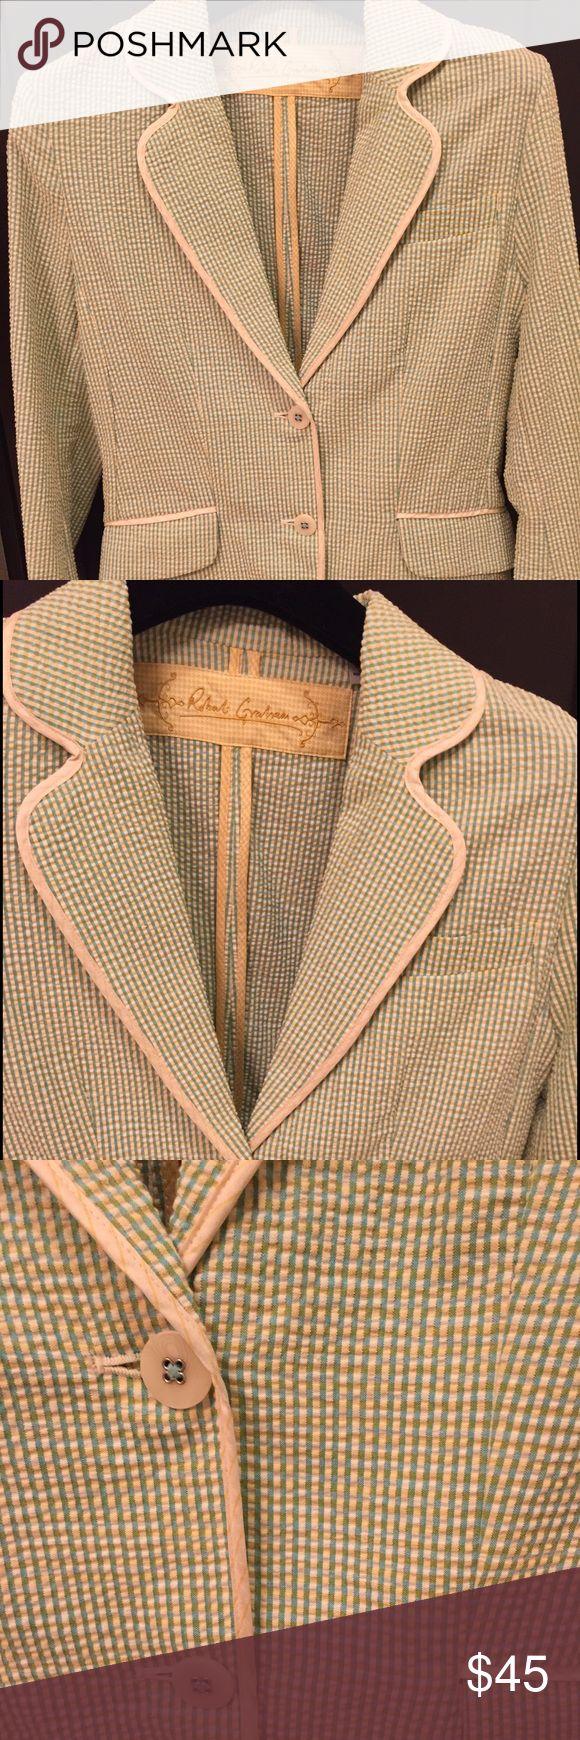 Robert Graham seersucker jacket New seersucker jacket by Robert Graham in size 10 with two buttons & double pleats in back. Robert Graham Jackets & Coats Blazers